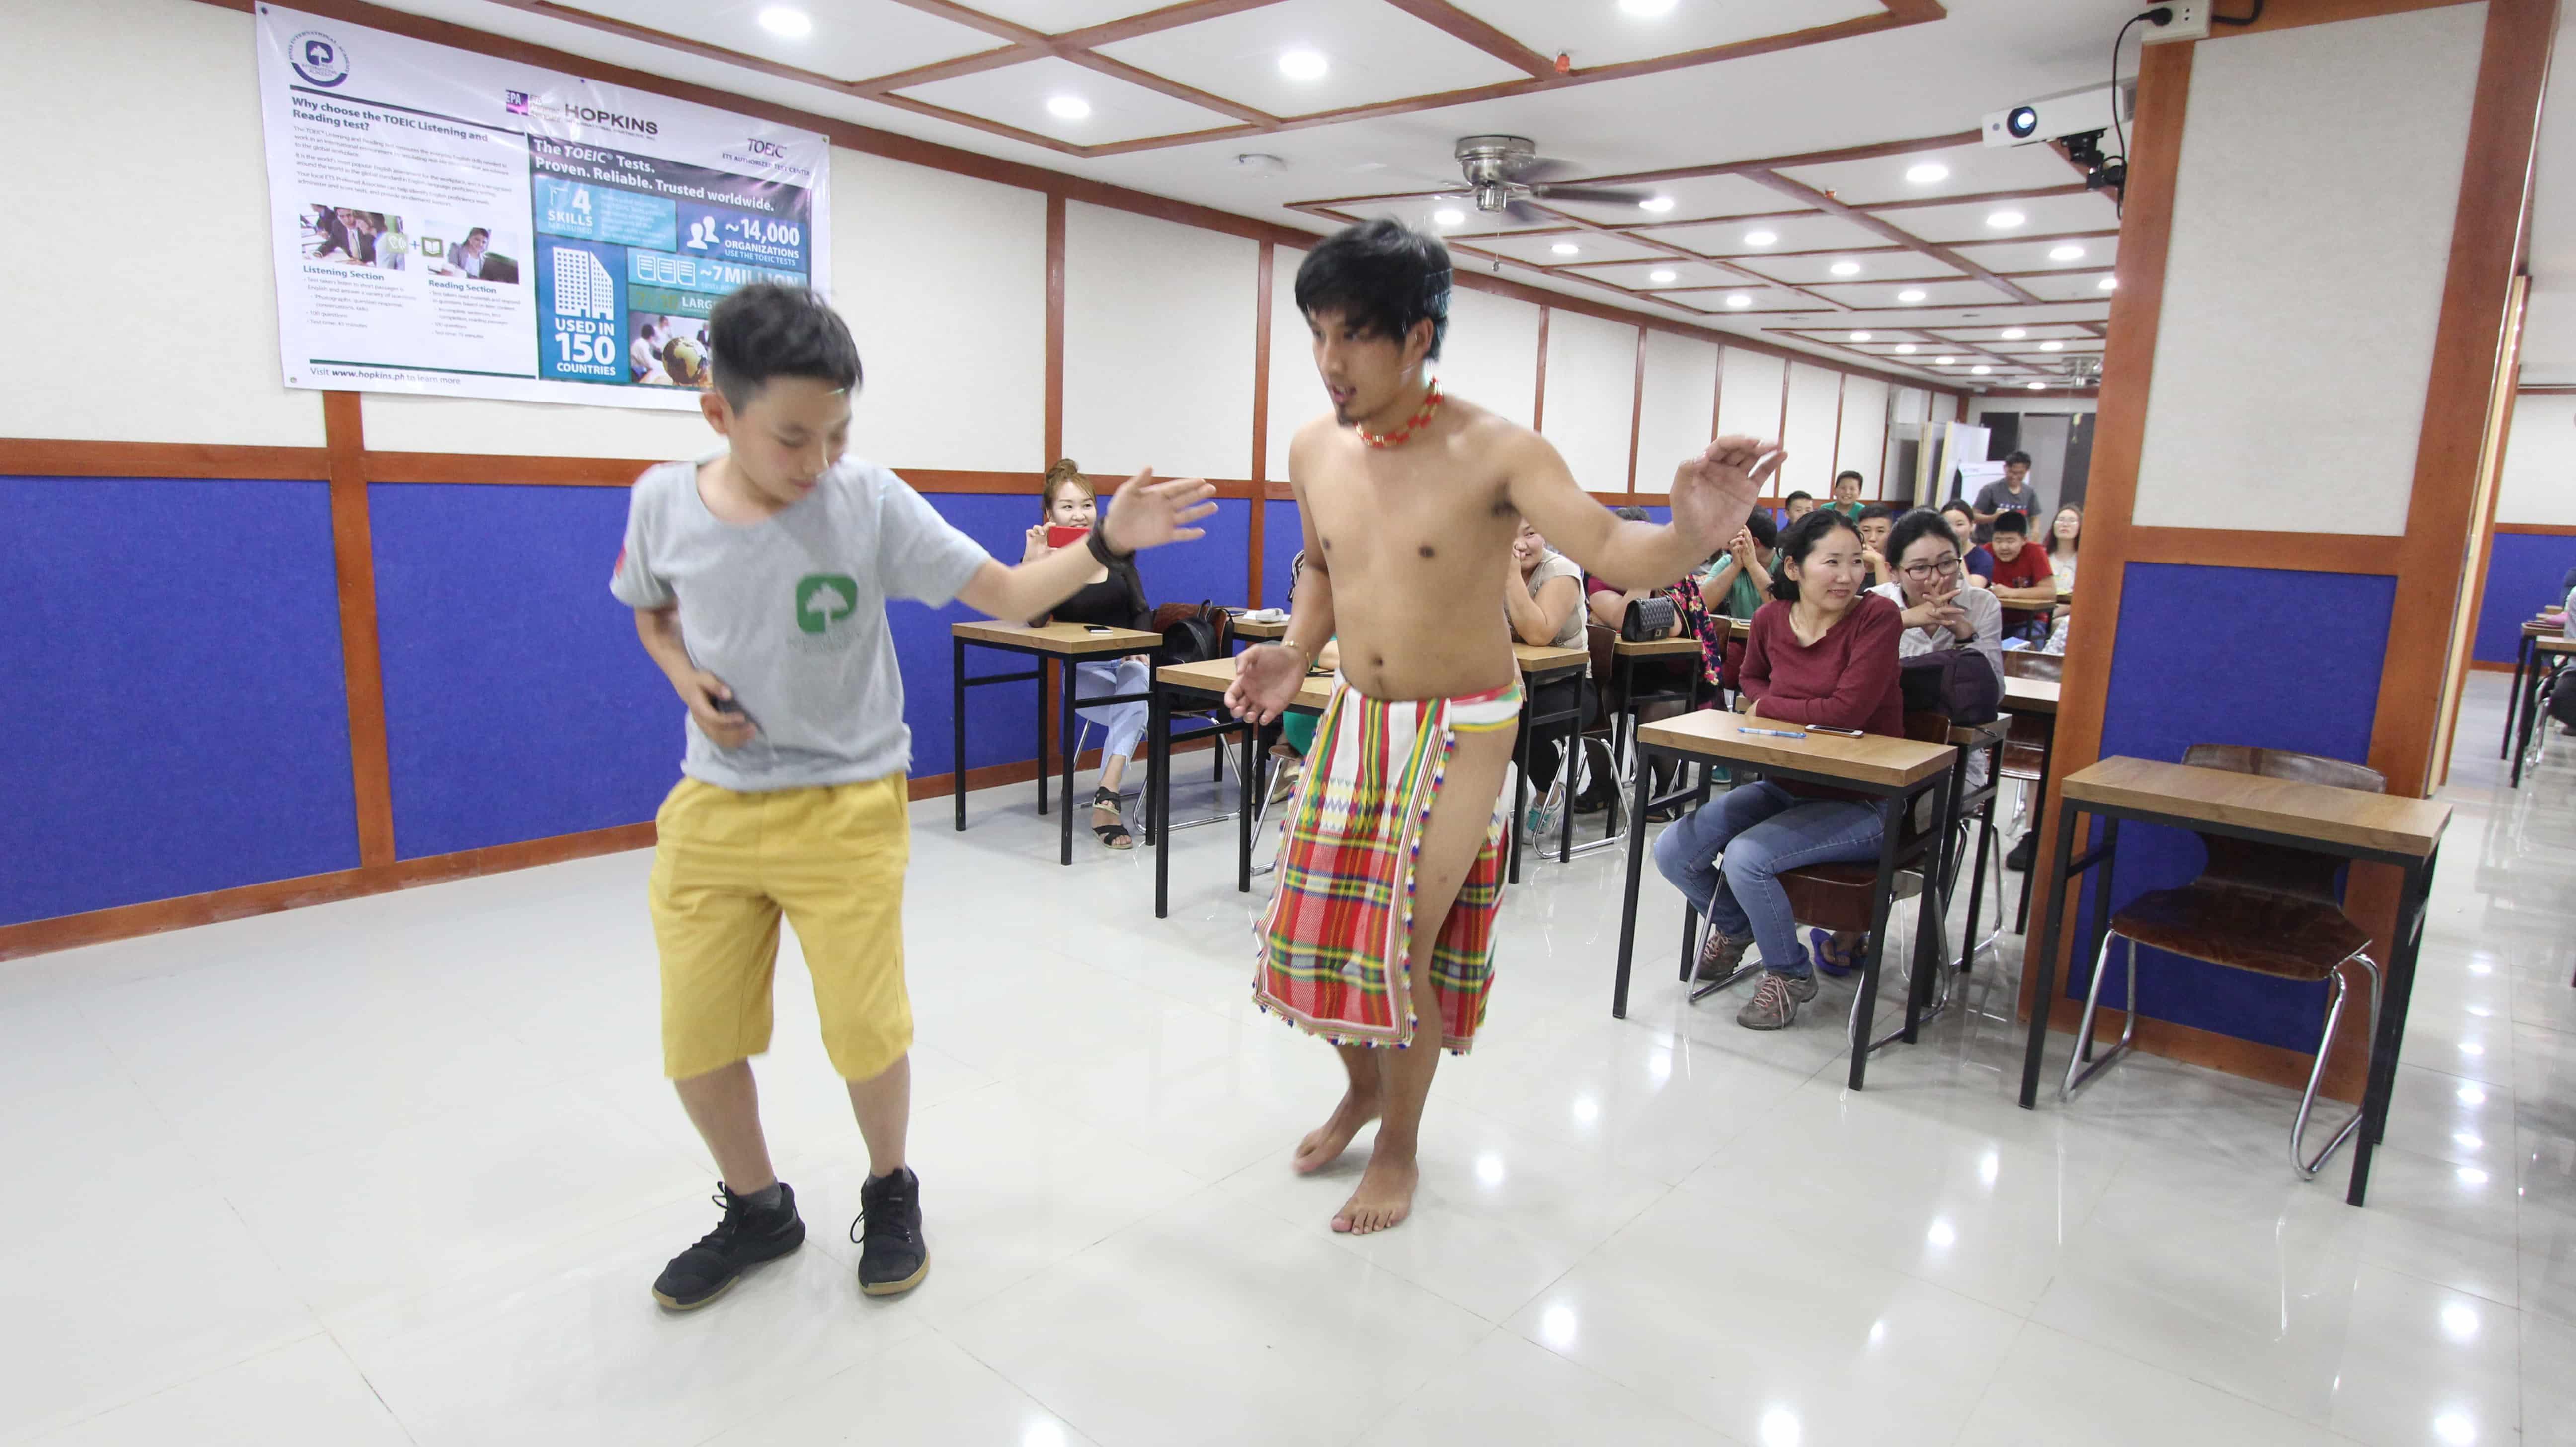 菲律賓語言學校費用, 菲律賓語言學校一個月, 菲律賓語言學校價錢, 菲律宾语言学校碧瑶, 菲律賓語言學校選擇, 菲律賓語言學校比較, 菲律賓語言學校日本, 英語學院位於菲律賓, 菲律賓遊學之旅, 菲律賓打工遊學, 2018菲律賓遊學團, 菲律賓遊學經驗, 菲律賓遊學代辦評價, 碧瑤遊學, 碧瑤語言學校, 碧 瑤 半 斯 巴 達 語言 學校, 菲律賓 碧 瑤, 菲律賓 碧 瑤 語言 學校 斯 巴 達, 菲律賓遊學常見問題, 菲律賓遊學, 韓國留學費用&生活費, 語言學校 저렴한필리핀어학연수, 필리핀어학연수 후기, 필리핀어학연수 강추 , 필리핀 어학연수, 필리핀어학연수 후기, 영어를 배우다, 필리핀에서 영어 공부, 어학연수, 바기오어학, 필리핀 여행, 필리핀 항공권, 파인스어학원, 유학, 여름방학캠프, 영어왕초보, 유학어학연수, 워홀, 어학원, 세부여행, 필리핀후기, 필리핀어학원, 겨울캠프, 필리핀 여행 비용, 필리핀여름캠프, 오픽 학원, 초등영어캠프, 필리핀캐나다어학연수, 바기오후기, 가족연수, 바기오필리핀어학연수, 저렴한 영어 학교 học tiếng anh tại Philippines, học tiếng anh ở Philippines, du học Philippines, học tiếng anh tại baguio, học tiếng anh ở baguio, học tiếng anh tại baguio , du học baguio, chi phí du học Philippines, Chi phí du học tiếng Anh tại Philippines, Học tiếng anh ngắn hạn tại Philippines, trung tâm luyện thi ielts, học ielts ở đâu tốt, フィリピンへ格安で留学するには, 格安校で格安留学, 格安学校, 留学の安い国特集, 安い英語の学校アジア, 安い語学学校, 海外の安い英語学校, フィリピン 留学 英語, フィリピン 英語 学校, トップ英会話アカデミーバギオ, フィリピンで英語を学ぶ, トップ英会話アカデミー, 最高の英語アカデミー, 安い英語アカデミー, 英語を習う, 海外で英語を学ぶ, 海外の安い英語学校, フィリピンの安い英語学校, 安い語学学校, フィリピン 英語 学校 , トップ英会話アカデミーバギオ, 海外で英語を学ぶ, , 海外の安い英語学校, フィリピンの安い英語学校, 安い語学学校, フィリピン 留学 英語, フィリピン 英語 学校, トップ英会話アカデミーバギオ, トップ英会話アカデミーバギオ, フィリピンで英語を学ぶ, トップ英会話アカデミー, 最高の英語アカデミー, 安い英語 アカデミー, 英語を習う, 海外で英語を学ぶ, 海外の安い英語学校, フィリピンの安い英語学校, 安い語学学校,, 学び、海外に留学する 在国外学习英语, 学习英语, 英国学校, 海外英语学校, 国外廉价英语学校, 廉价英语学校, 碧瑶语言, 菲律宾, Opic学校, 碧瑶晚,如何在国内学英文, 想自学英语怎么学, 学英语, Study english in the Philippines, Philippine English academy , Philippine English academy facilities, Philippine English academy blog, Top Philippine English academy, best Philippine English Academy, เรียนภาษาอังกฤษที่บาเกียว, เรียนภาษาอังกฤษในต่างประเทศ, Study english in the Philippines, Philippine English academy, Philippine English academy facilities, Philippine English academy blog, Top Philippine English academy, best Philippine English Academy, Baguio English academy, English academy Baguio, Baguio English school Baguio English academy tuition fee, Baguio English academy facilities, Baguio English aca